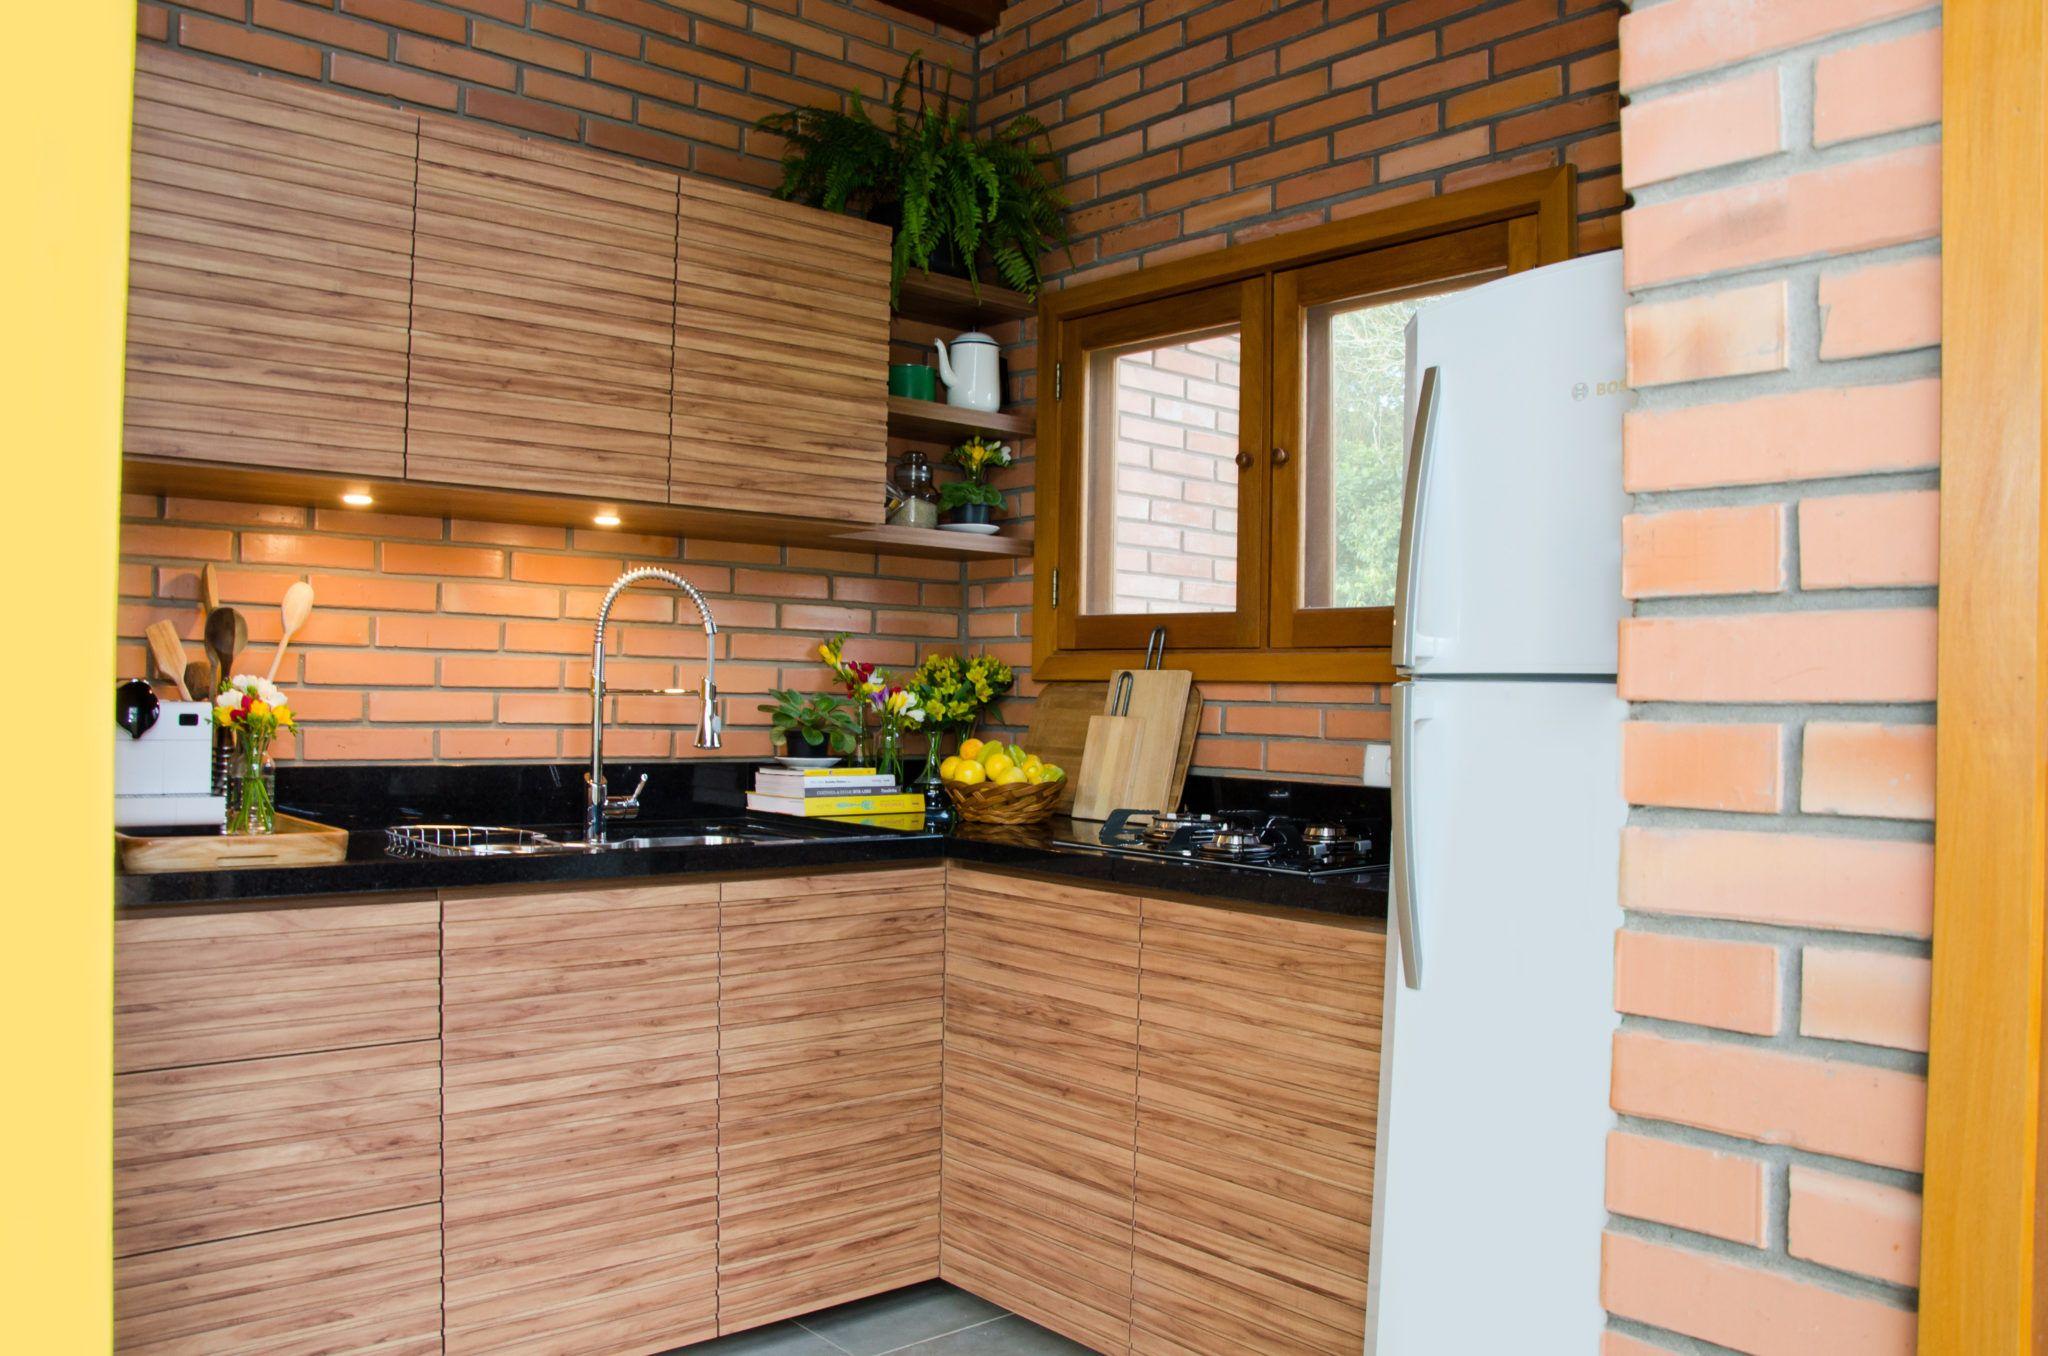 Galeria Descrição Residência familiar em condomínio no bairro Campestre em São Leopoldo. Área de lazer com churrasqueira.